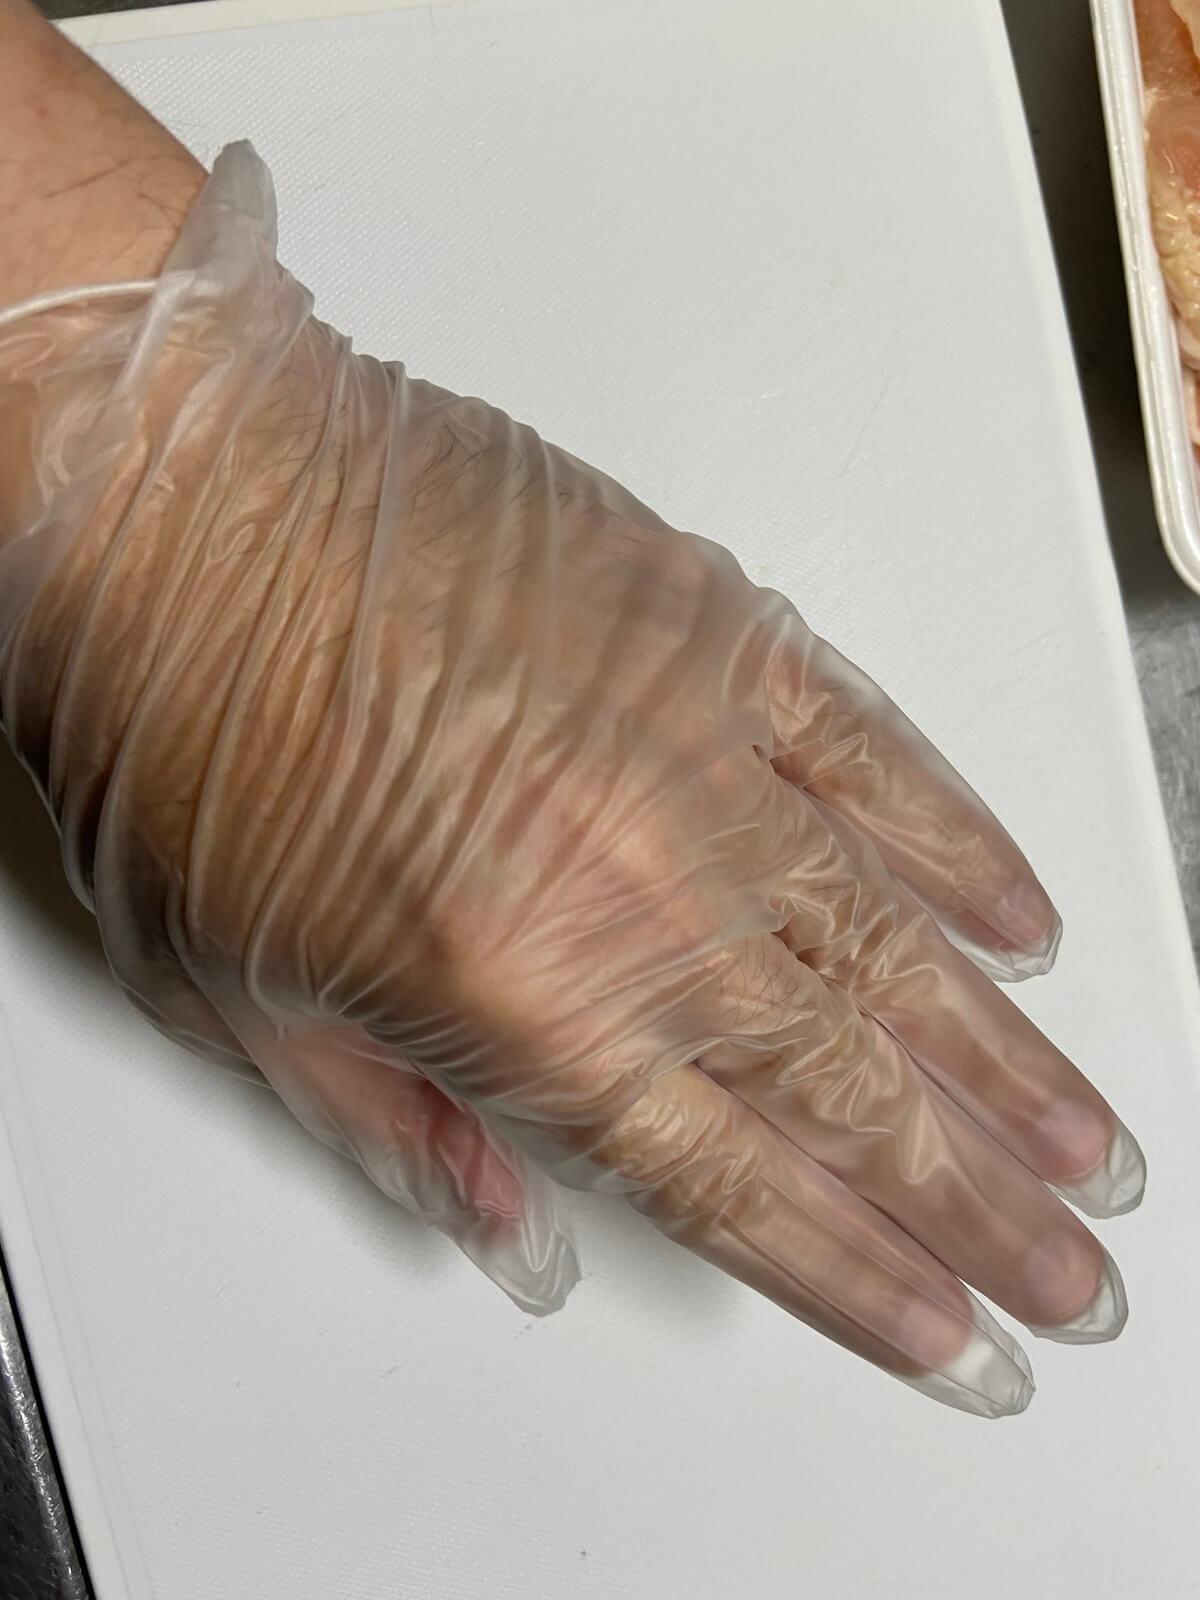 ゴム手袋で調理